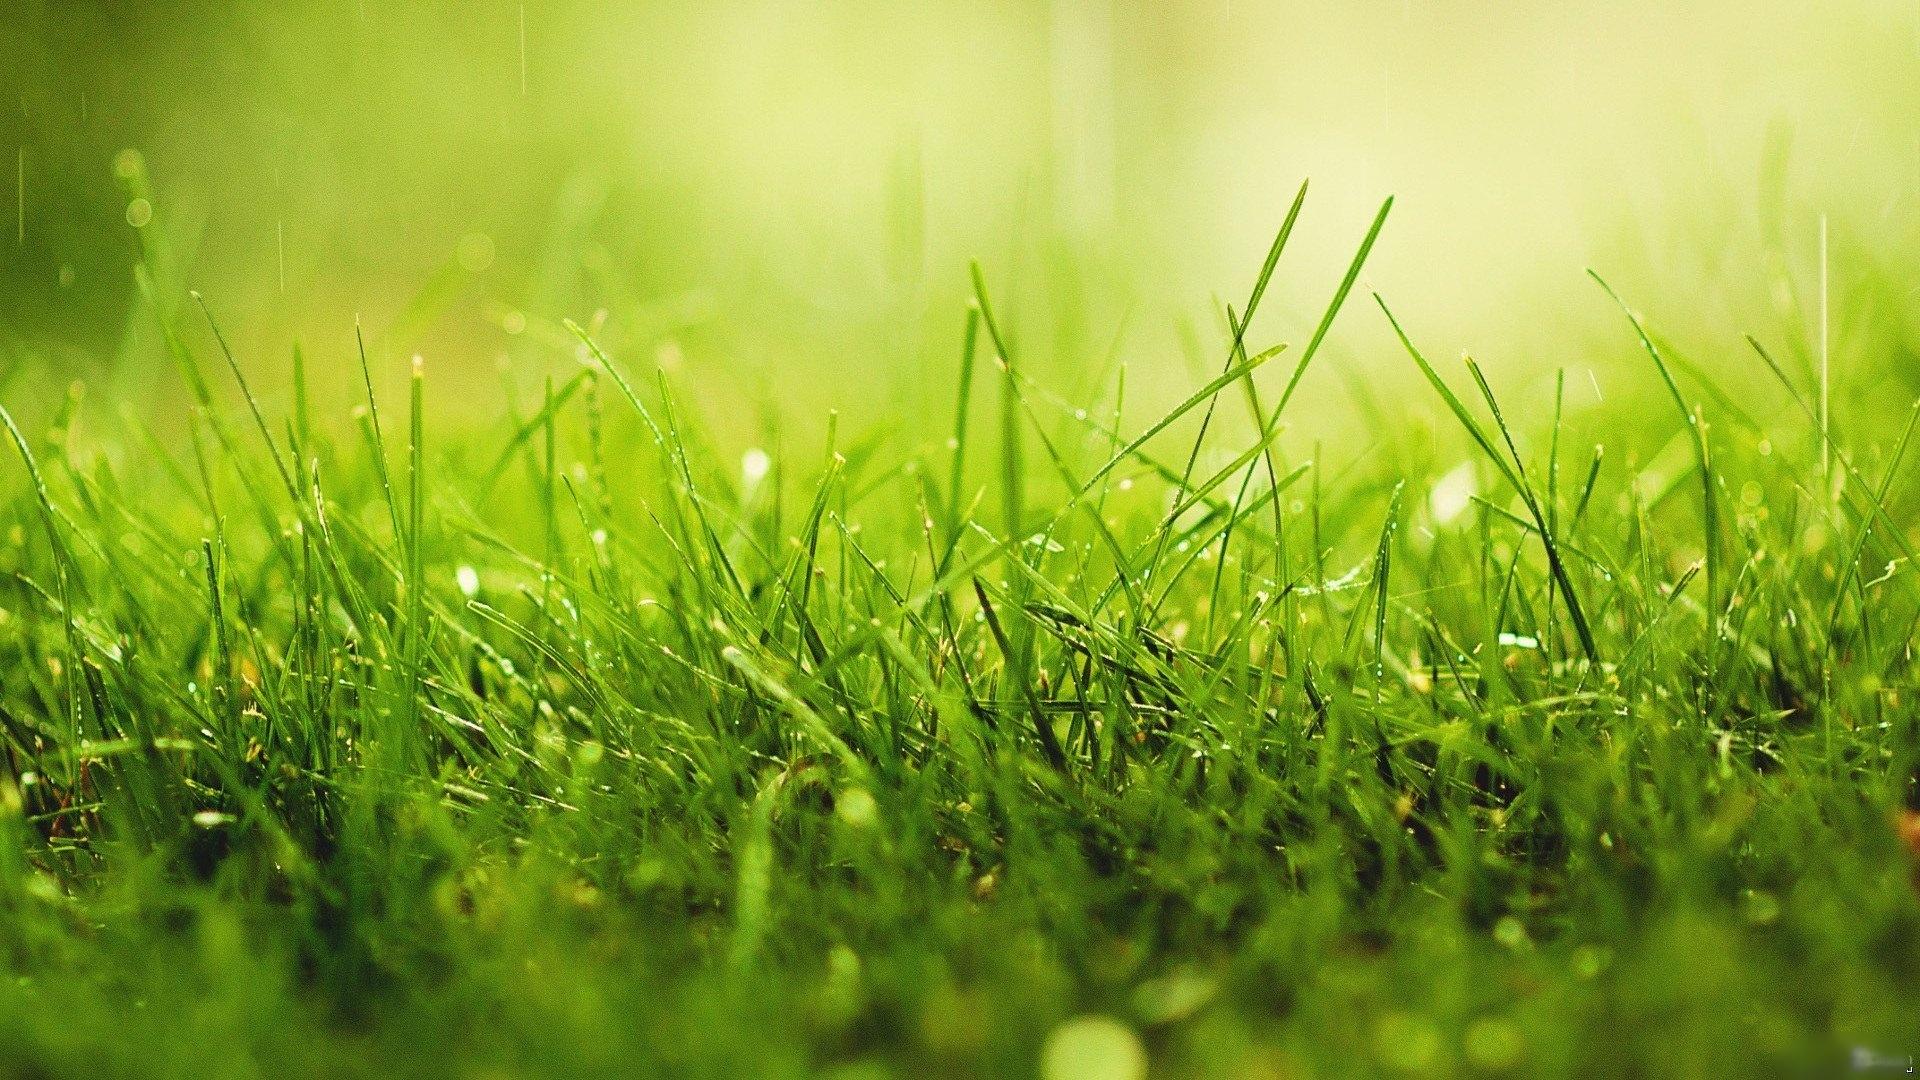 Wallpaper Grass Growth Lawn Beam 1920x1080 Wallpaperup 673680 Hd Wallpapers Wallhere